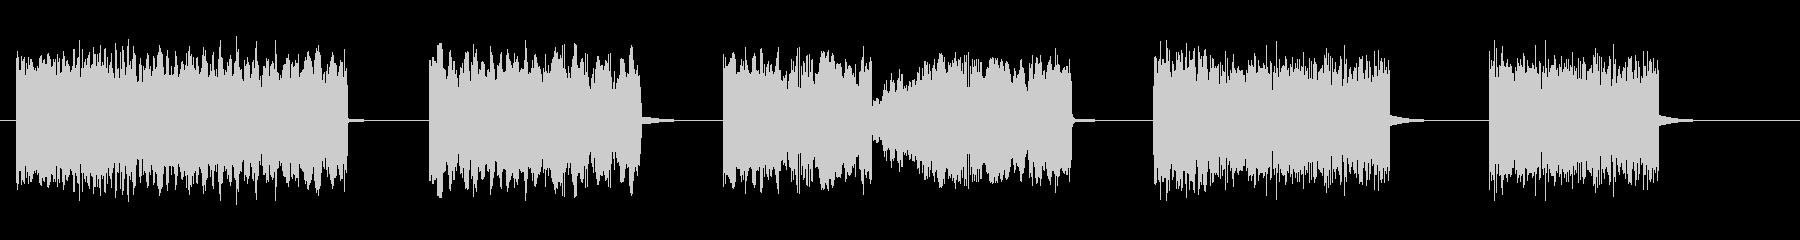 ショートブロークンノイズパルススイープの未再生の波形